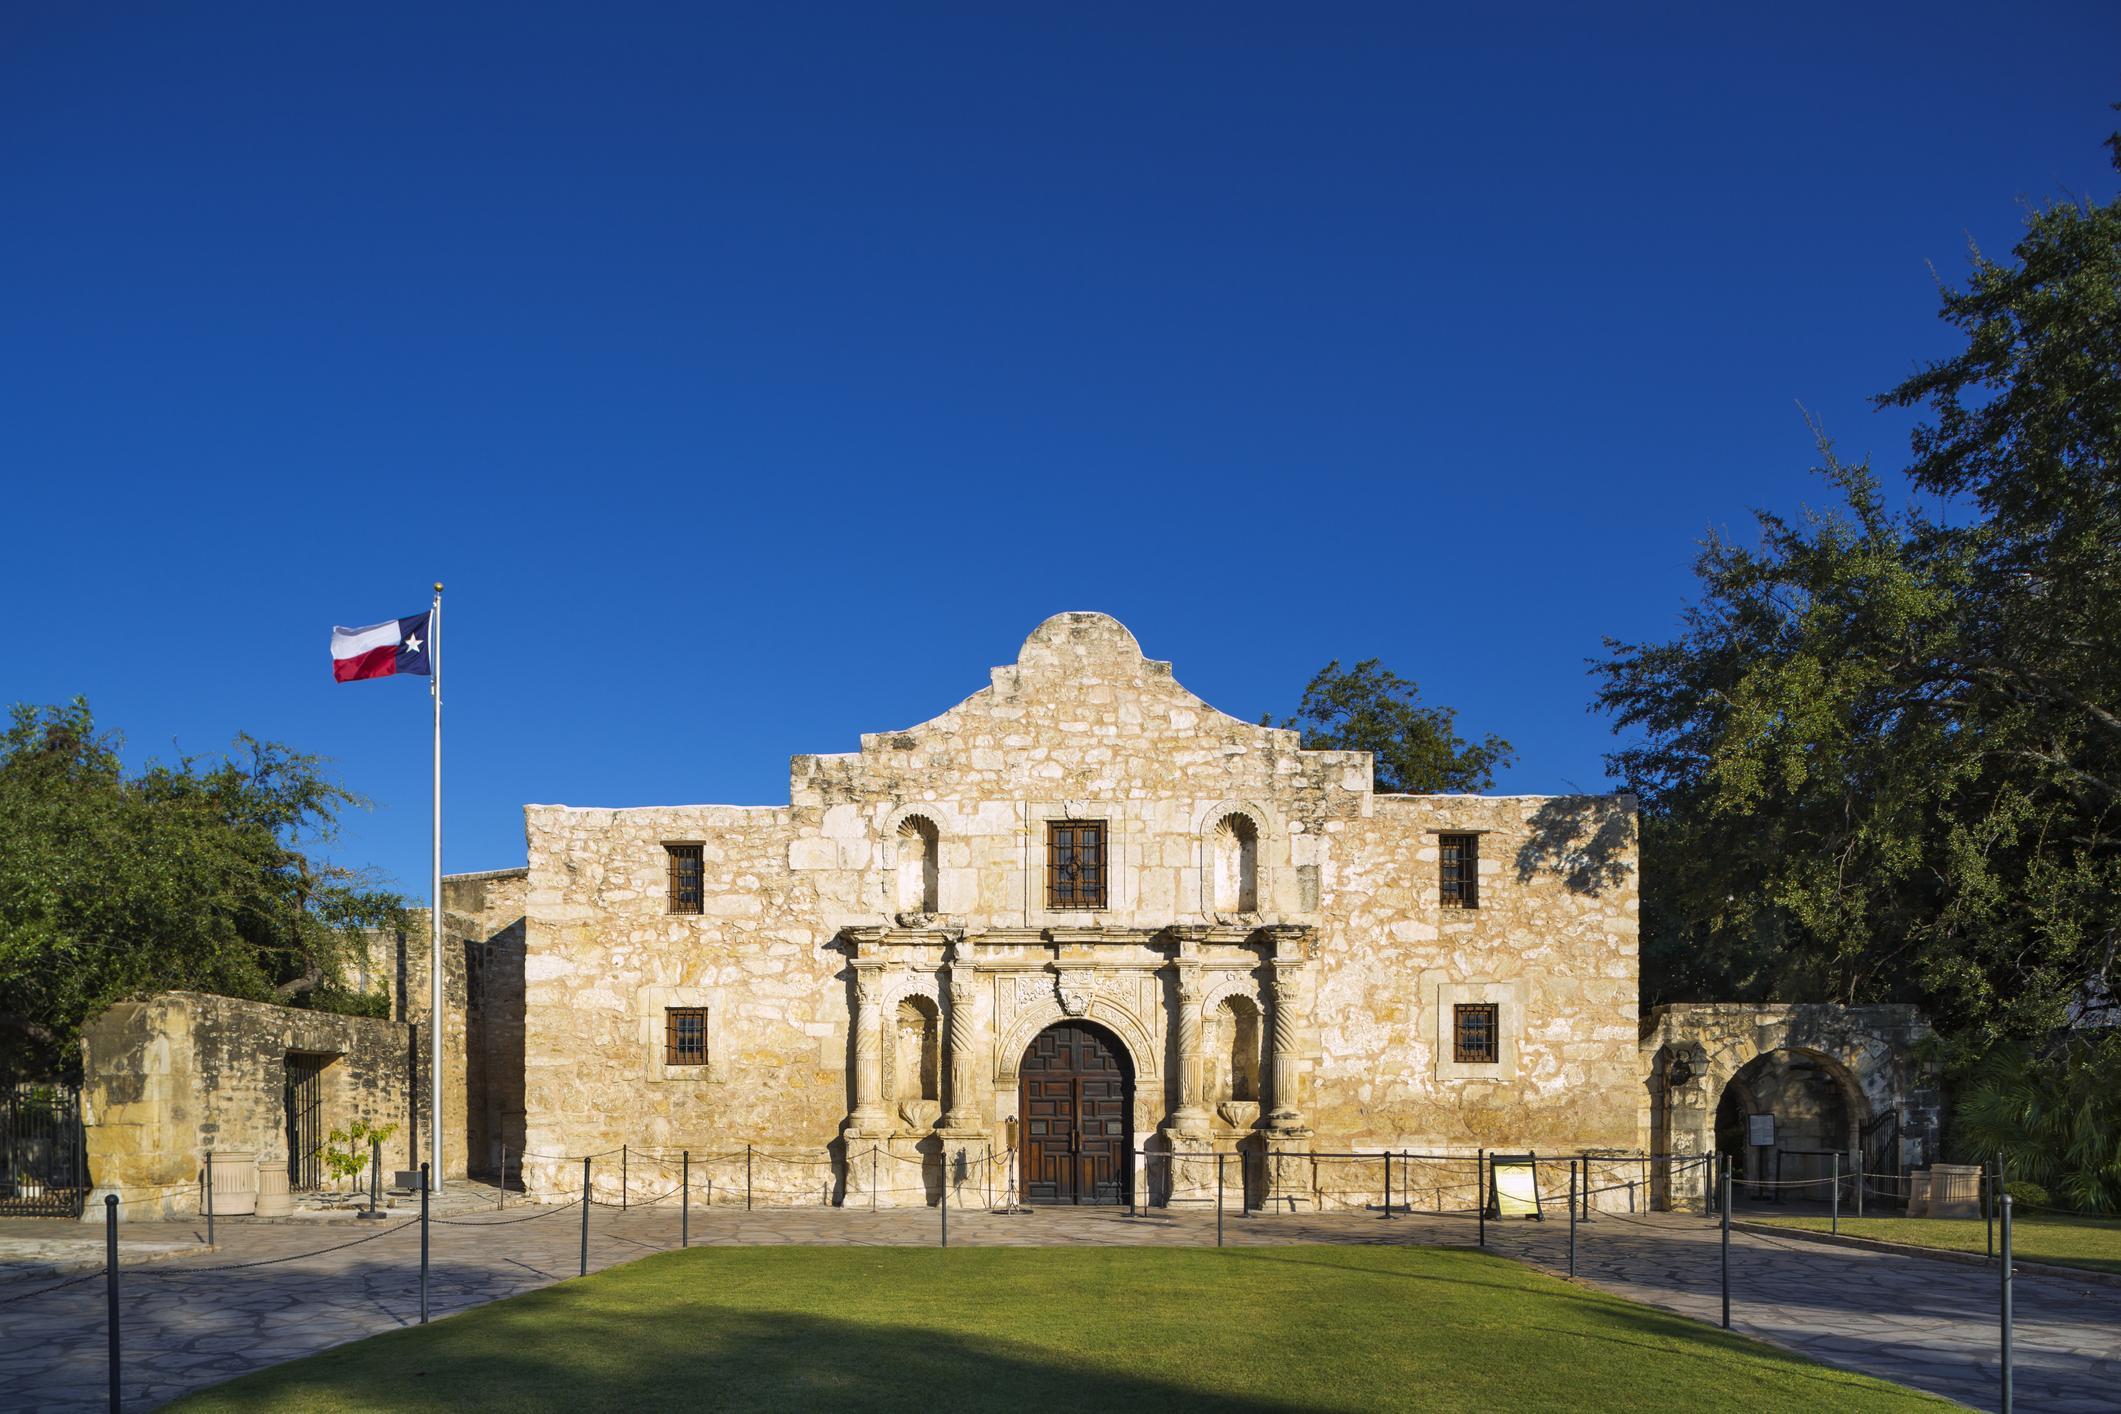 The Alamo in San Antonio (Picture: Getty)